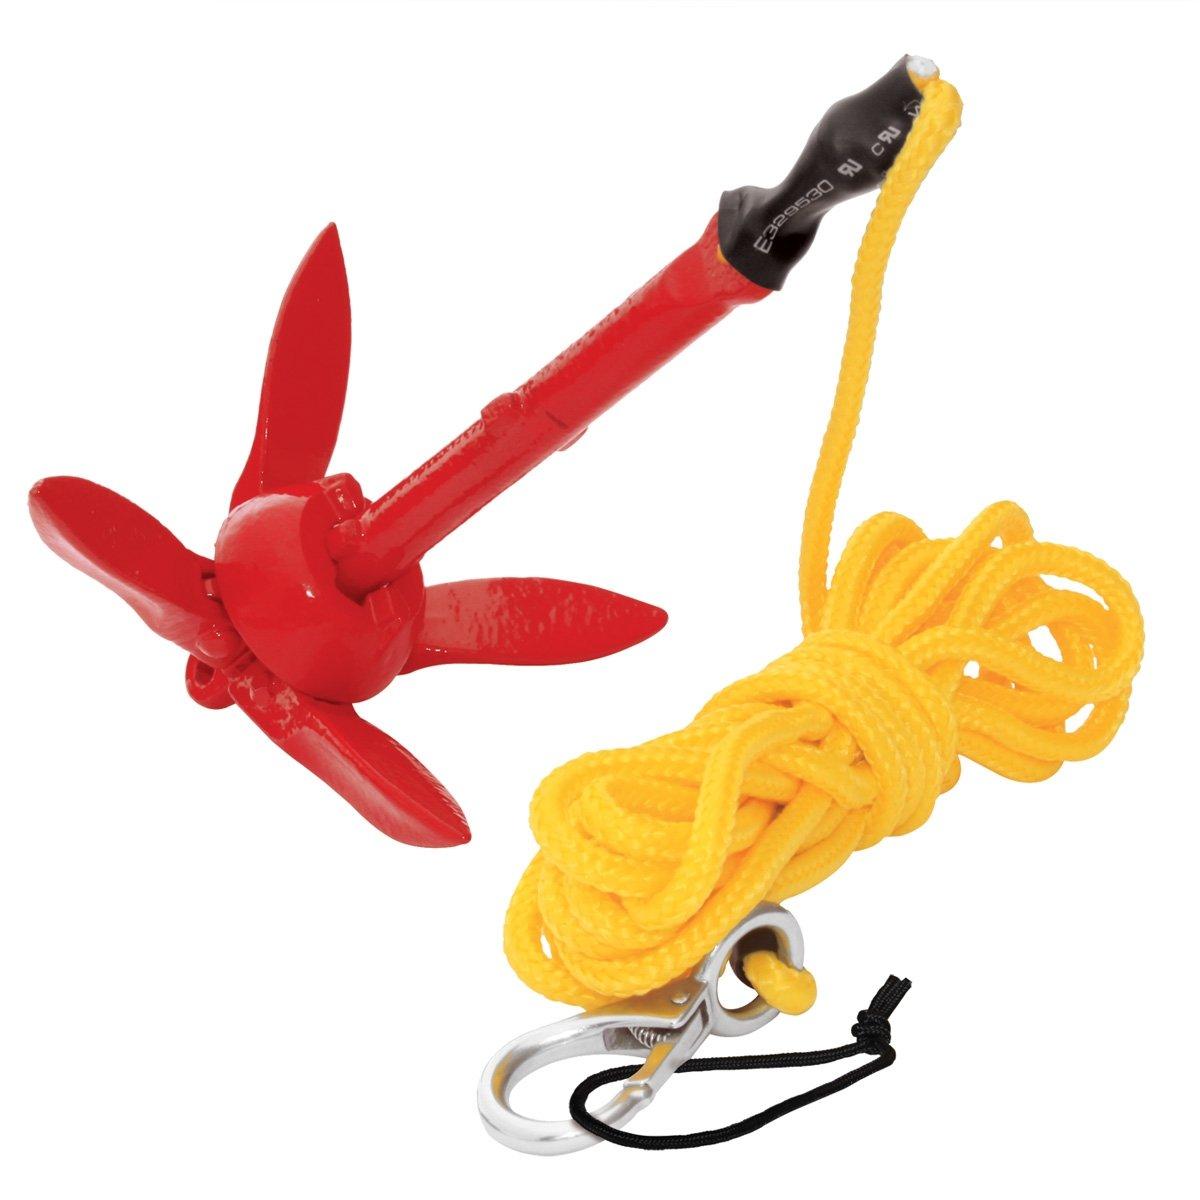 AIRHEAD Small Anchor Kit-1